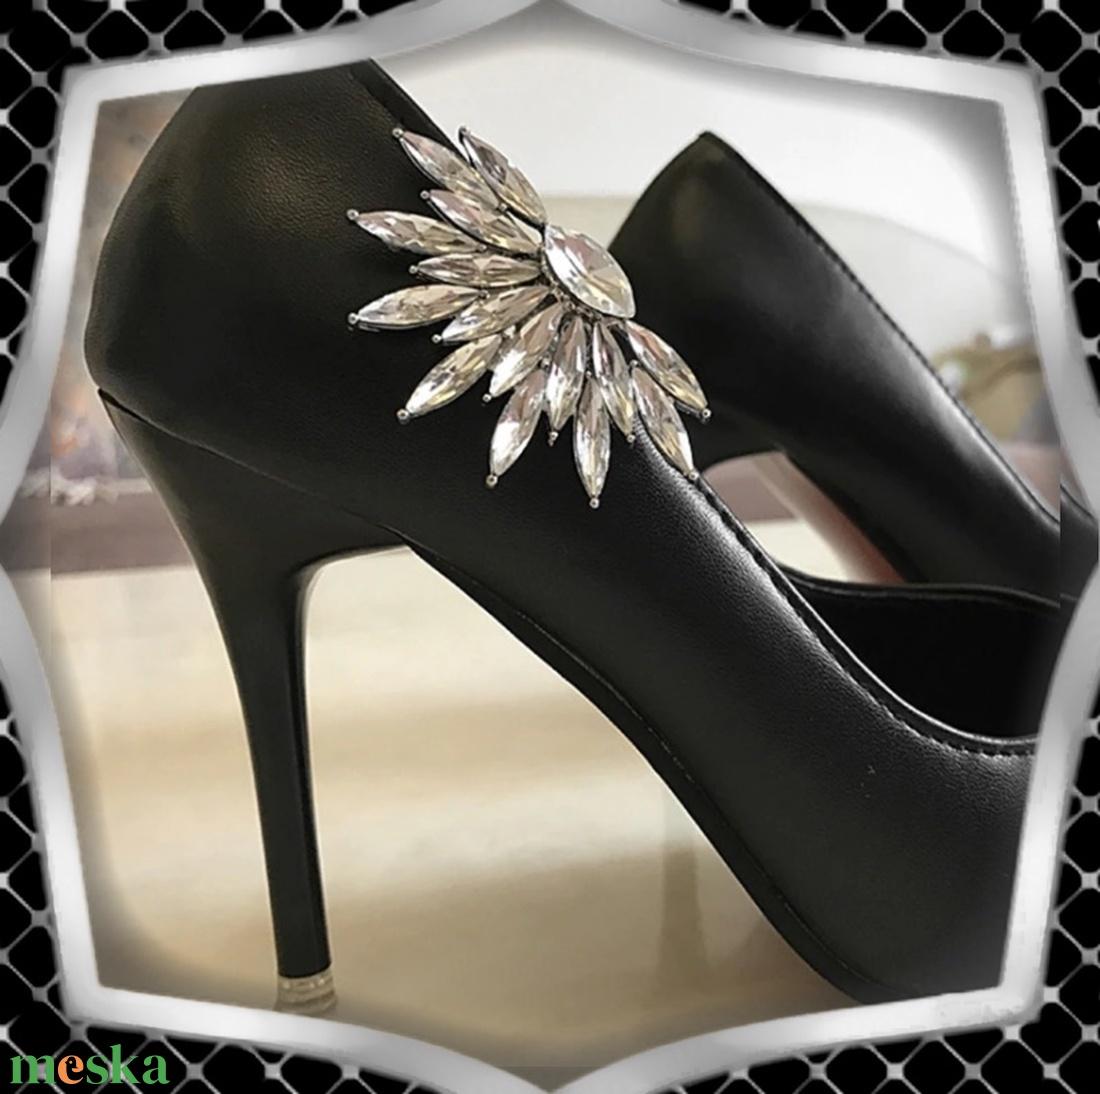 Esküvői, menyasszonyi, alkalmi cipődísz, cipőklipsz ES-CK04 - esküvő - cipő és cipőklipsz - Meska.hu